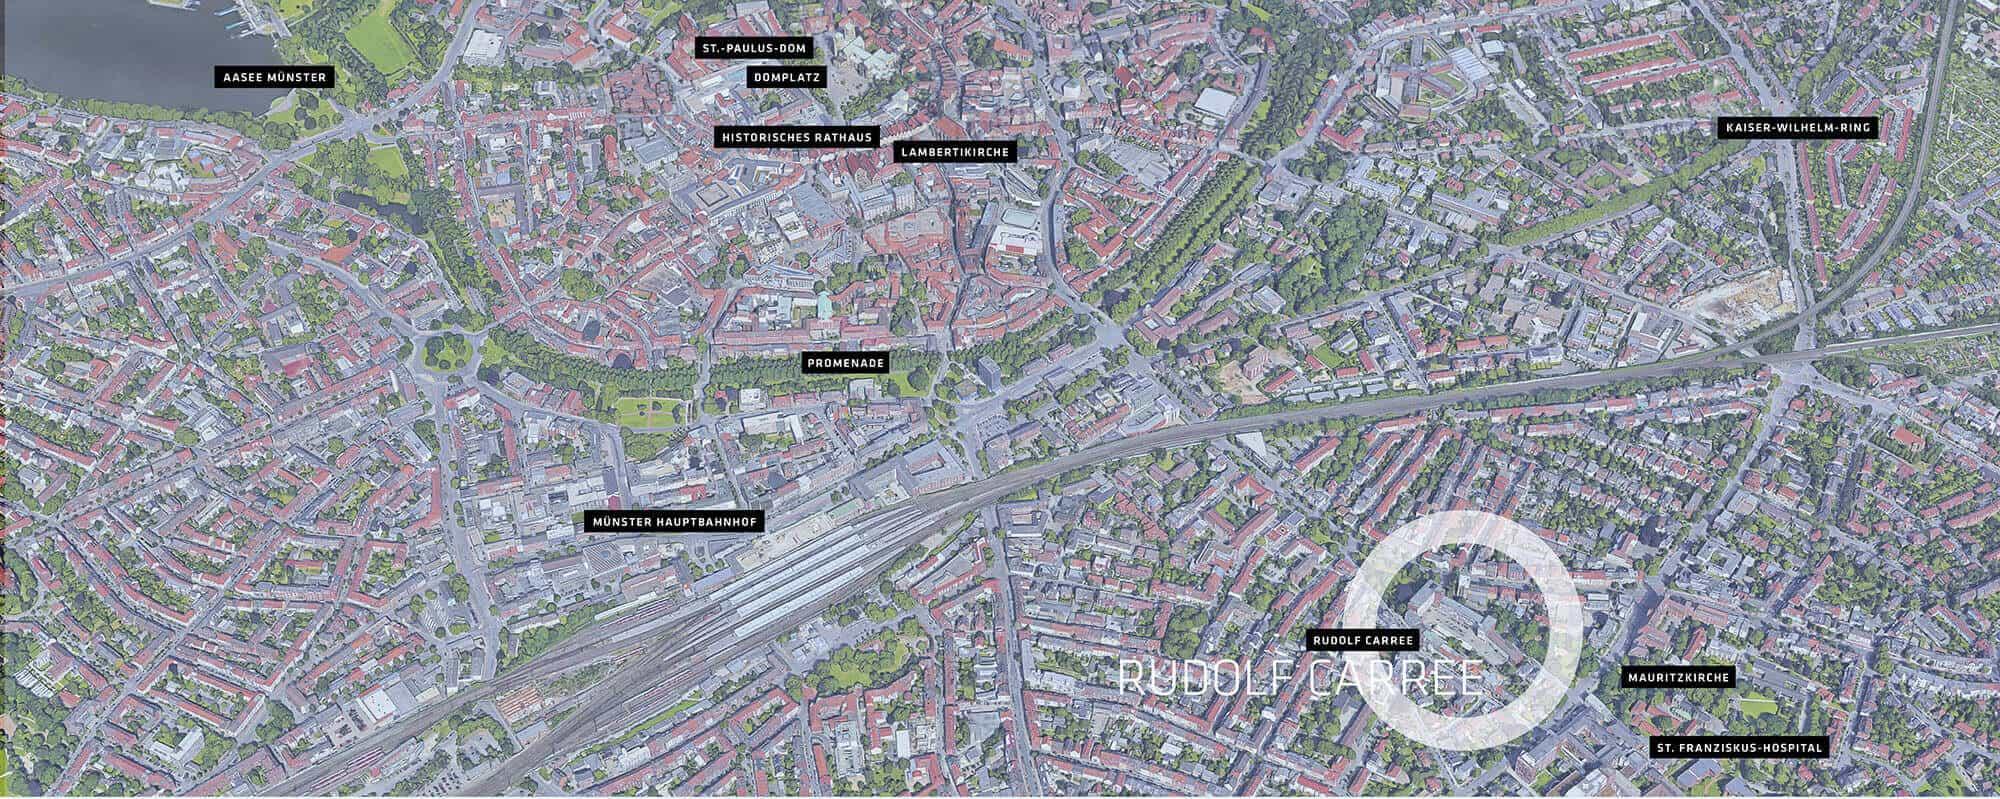 Lageplan Münster